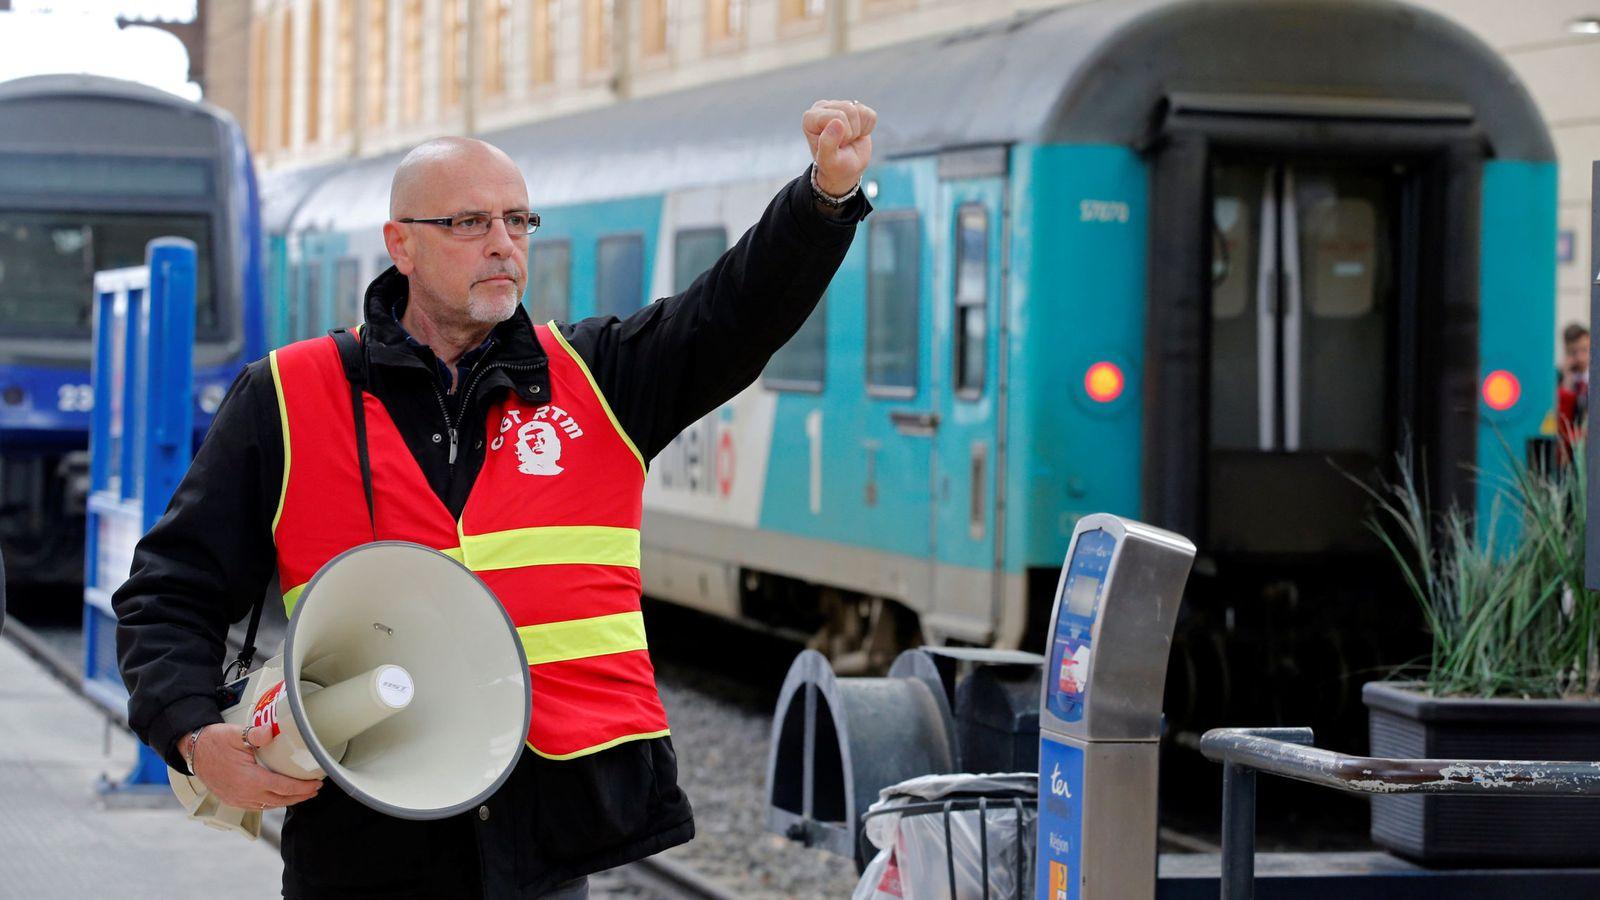 Foto: Un trabajador de ferrocarriles se manifiesta dentro de la estación de Saint-Charles en Marsella, el 4 de abril de 2018. (Reuters)